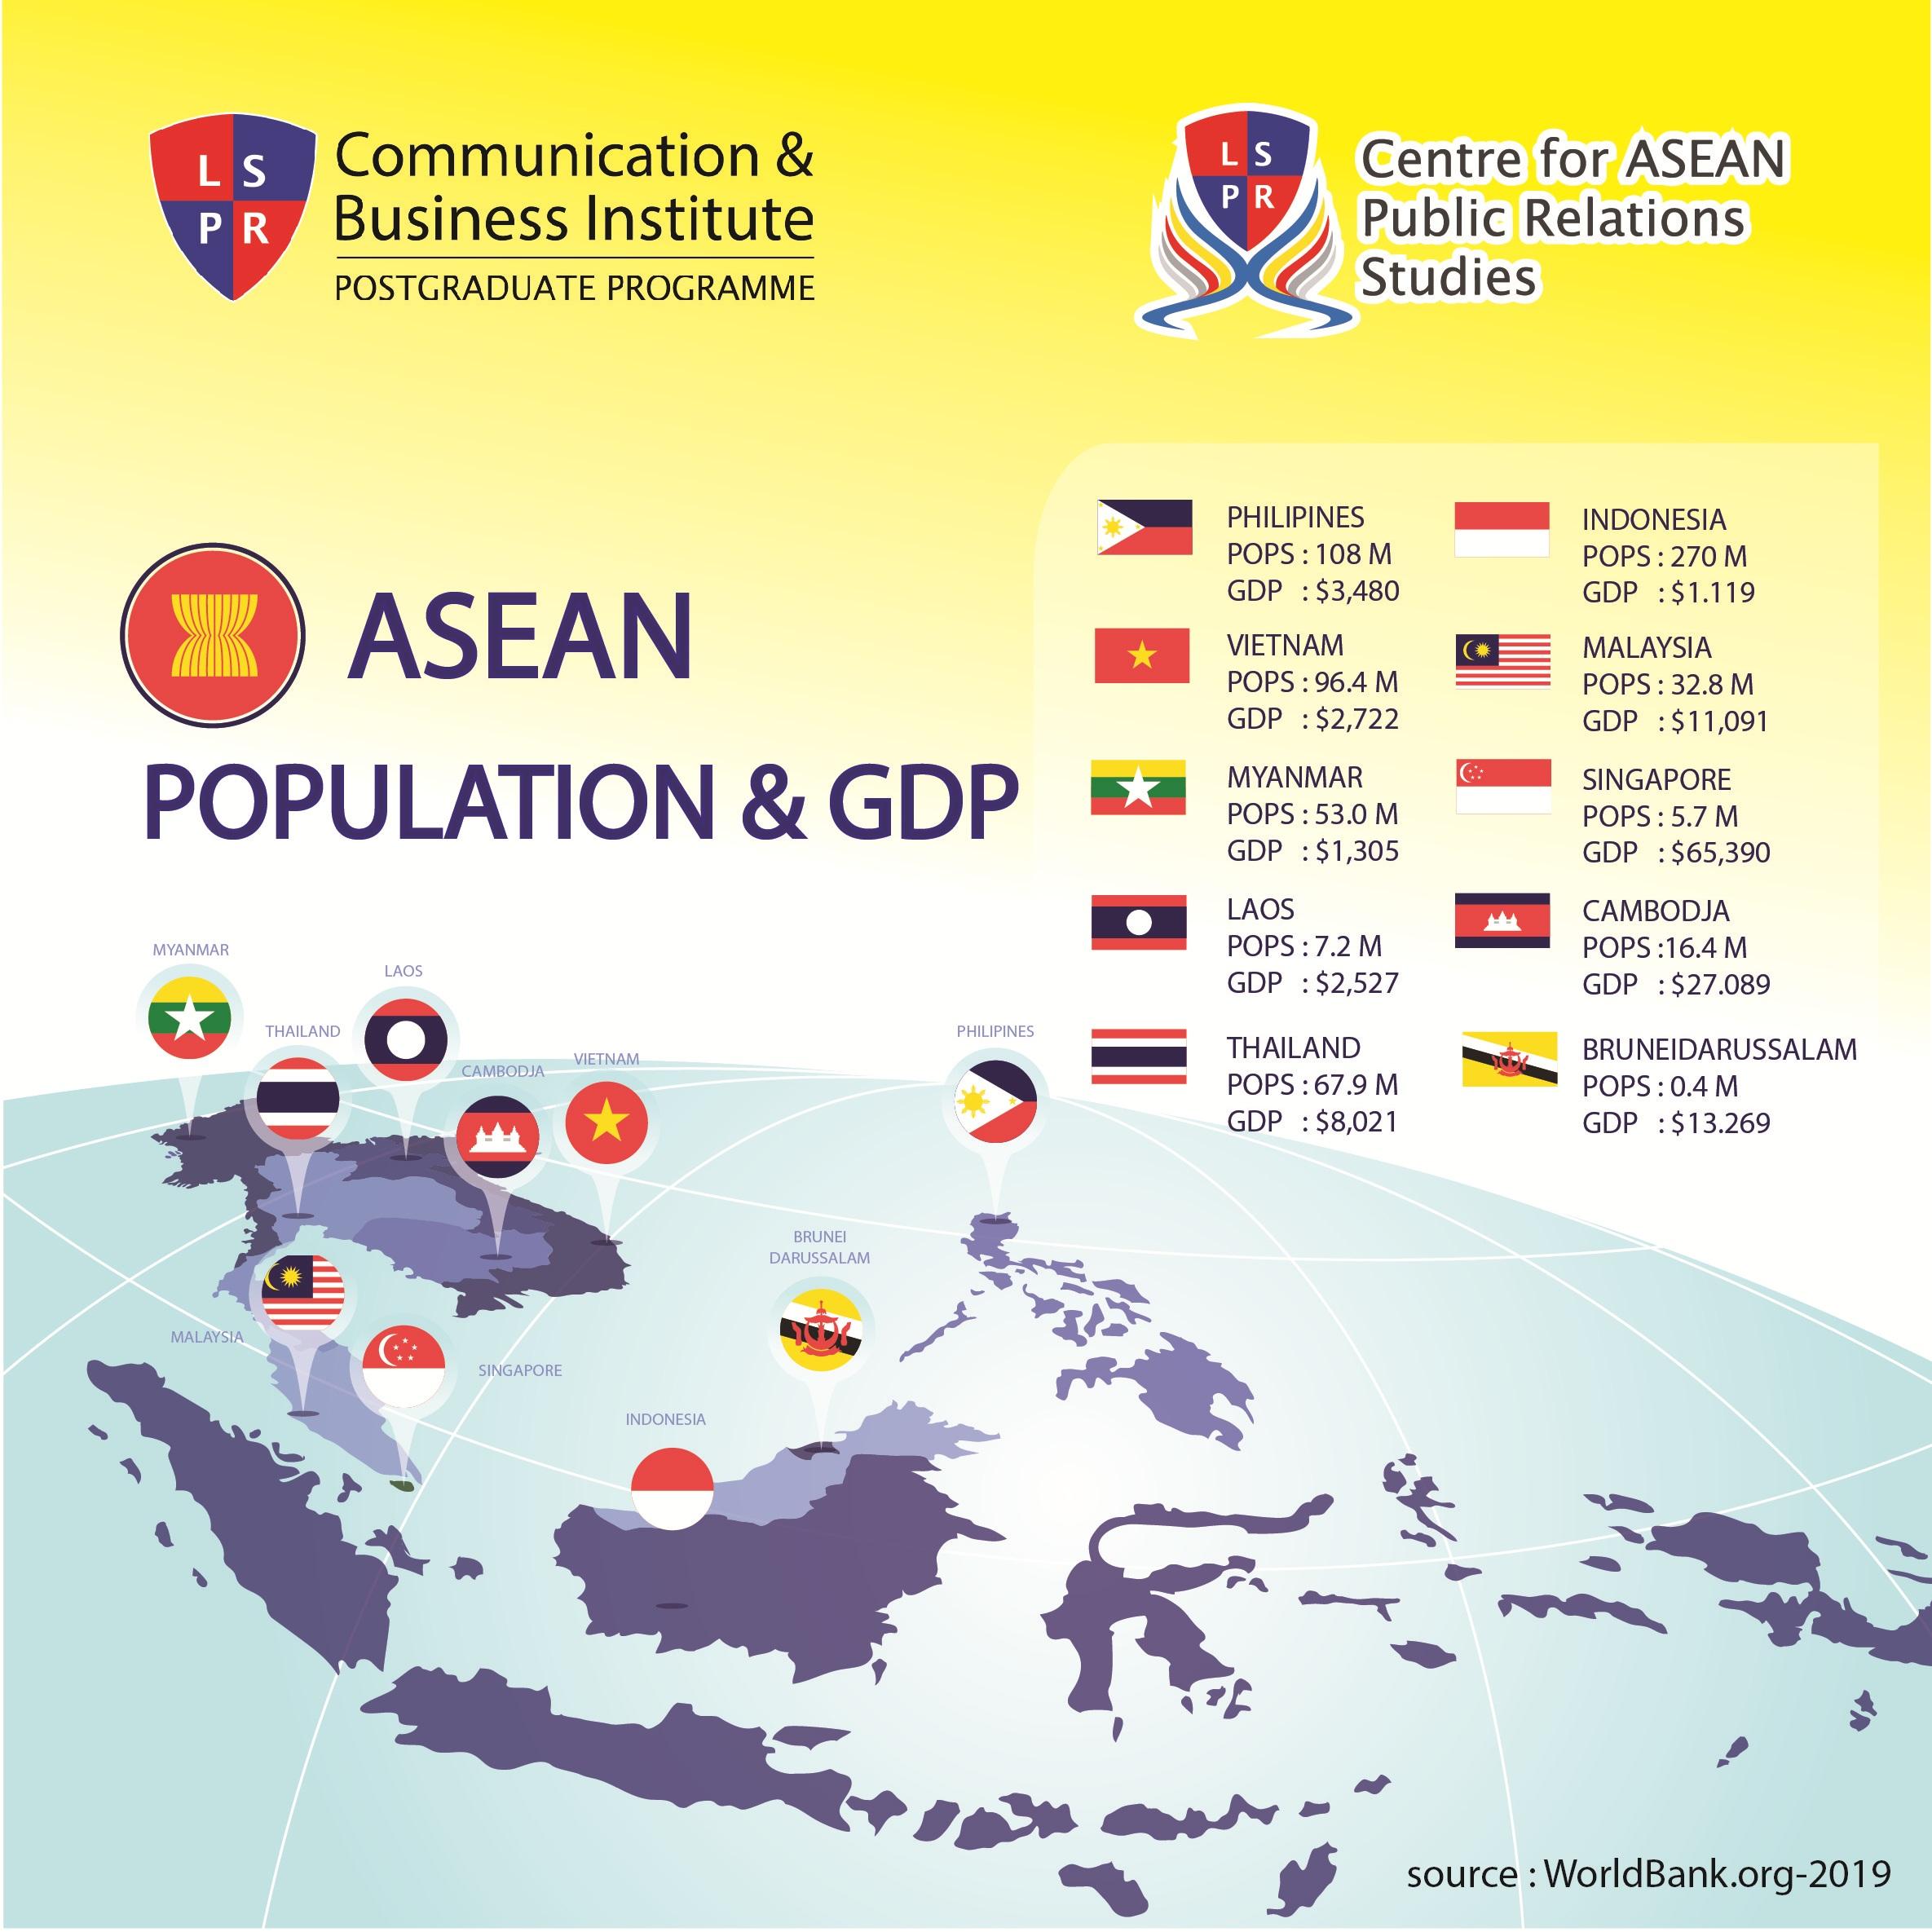 ASEAN POPULATION & GDP